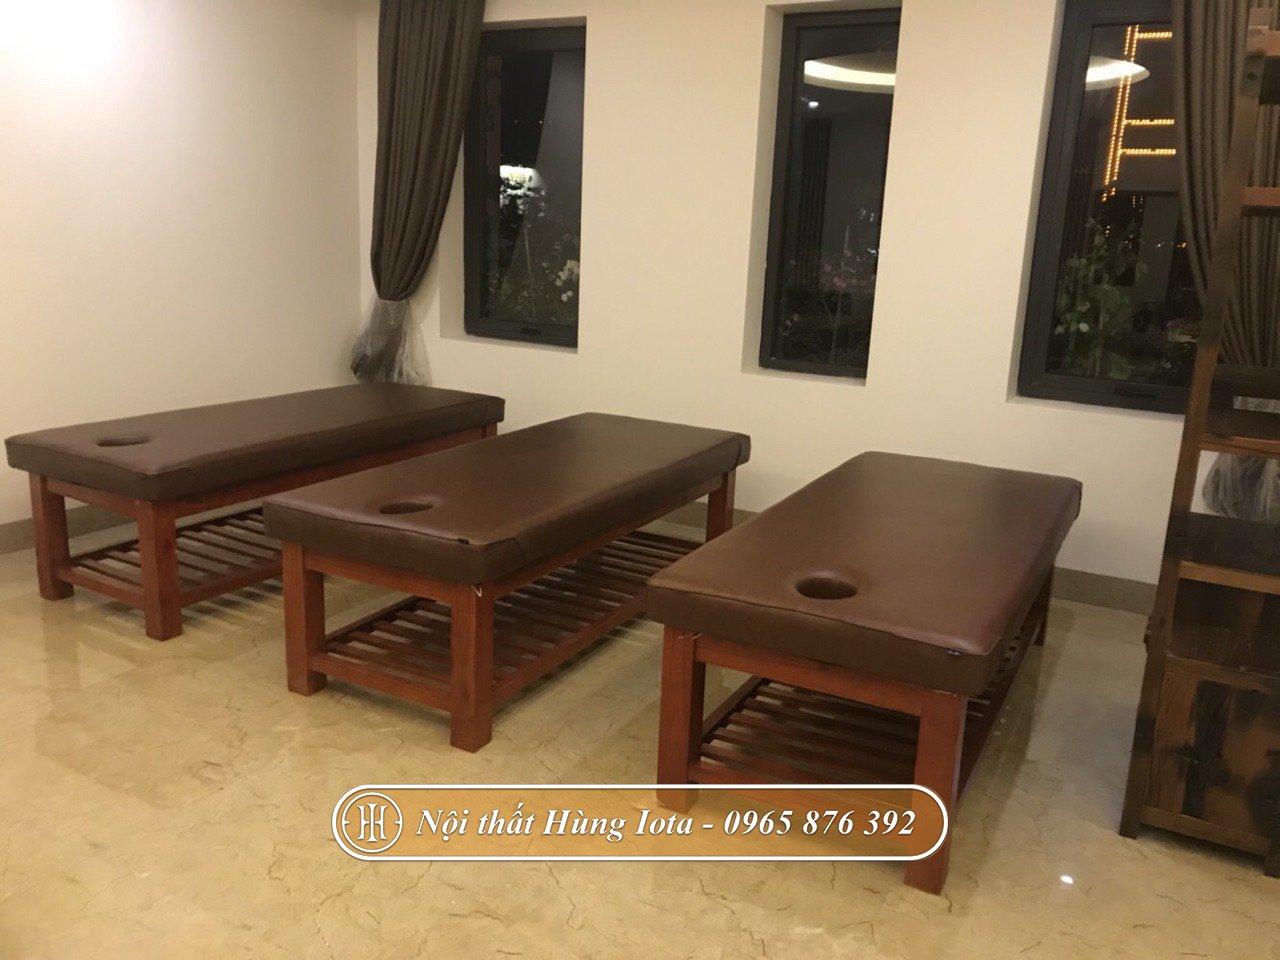 Giường massage giá trực tiếp tại xưởng